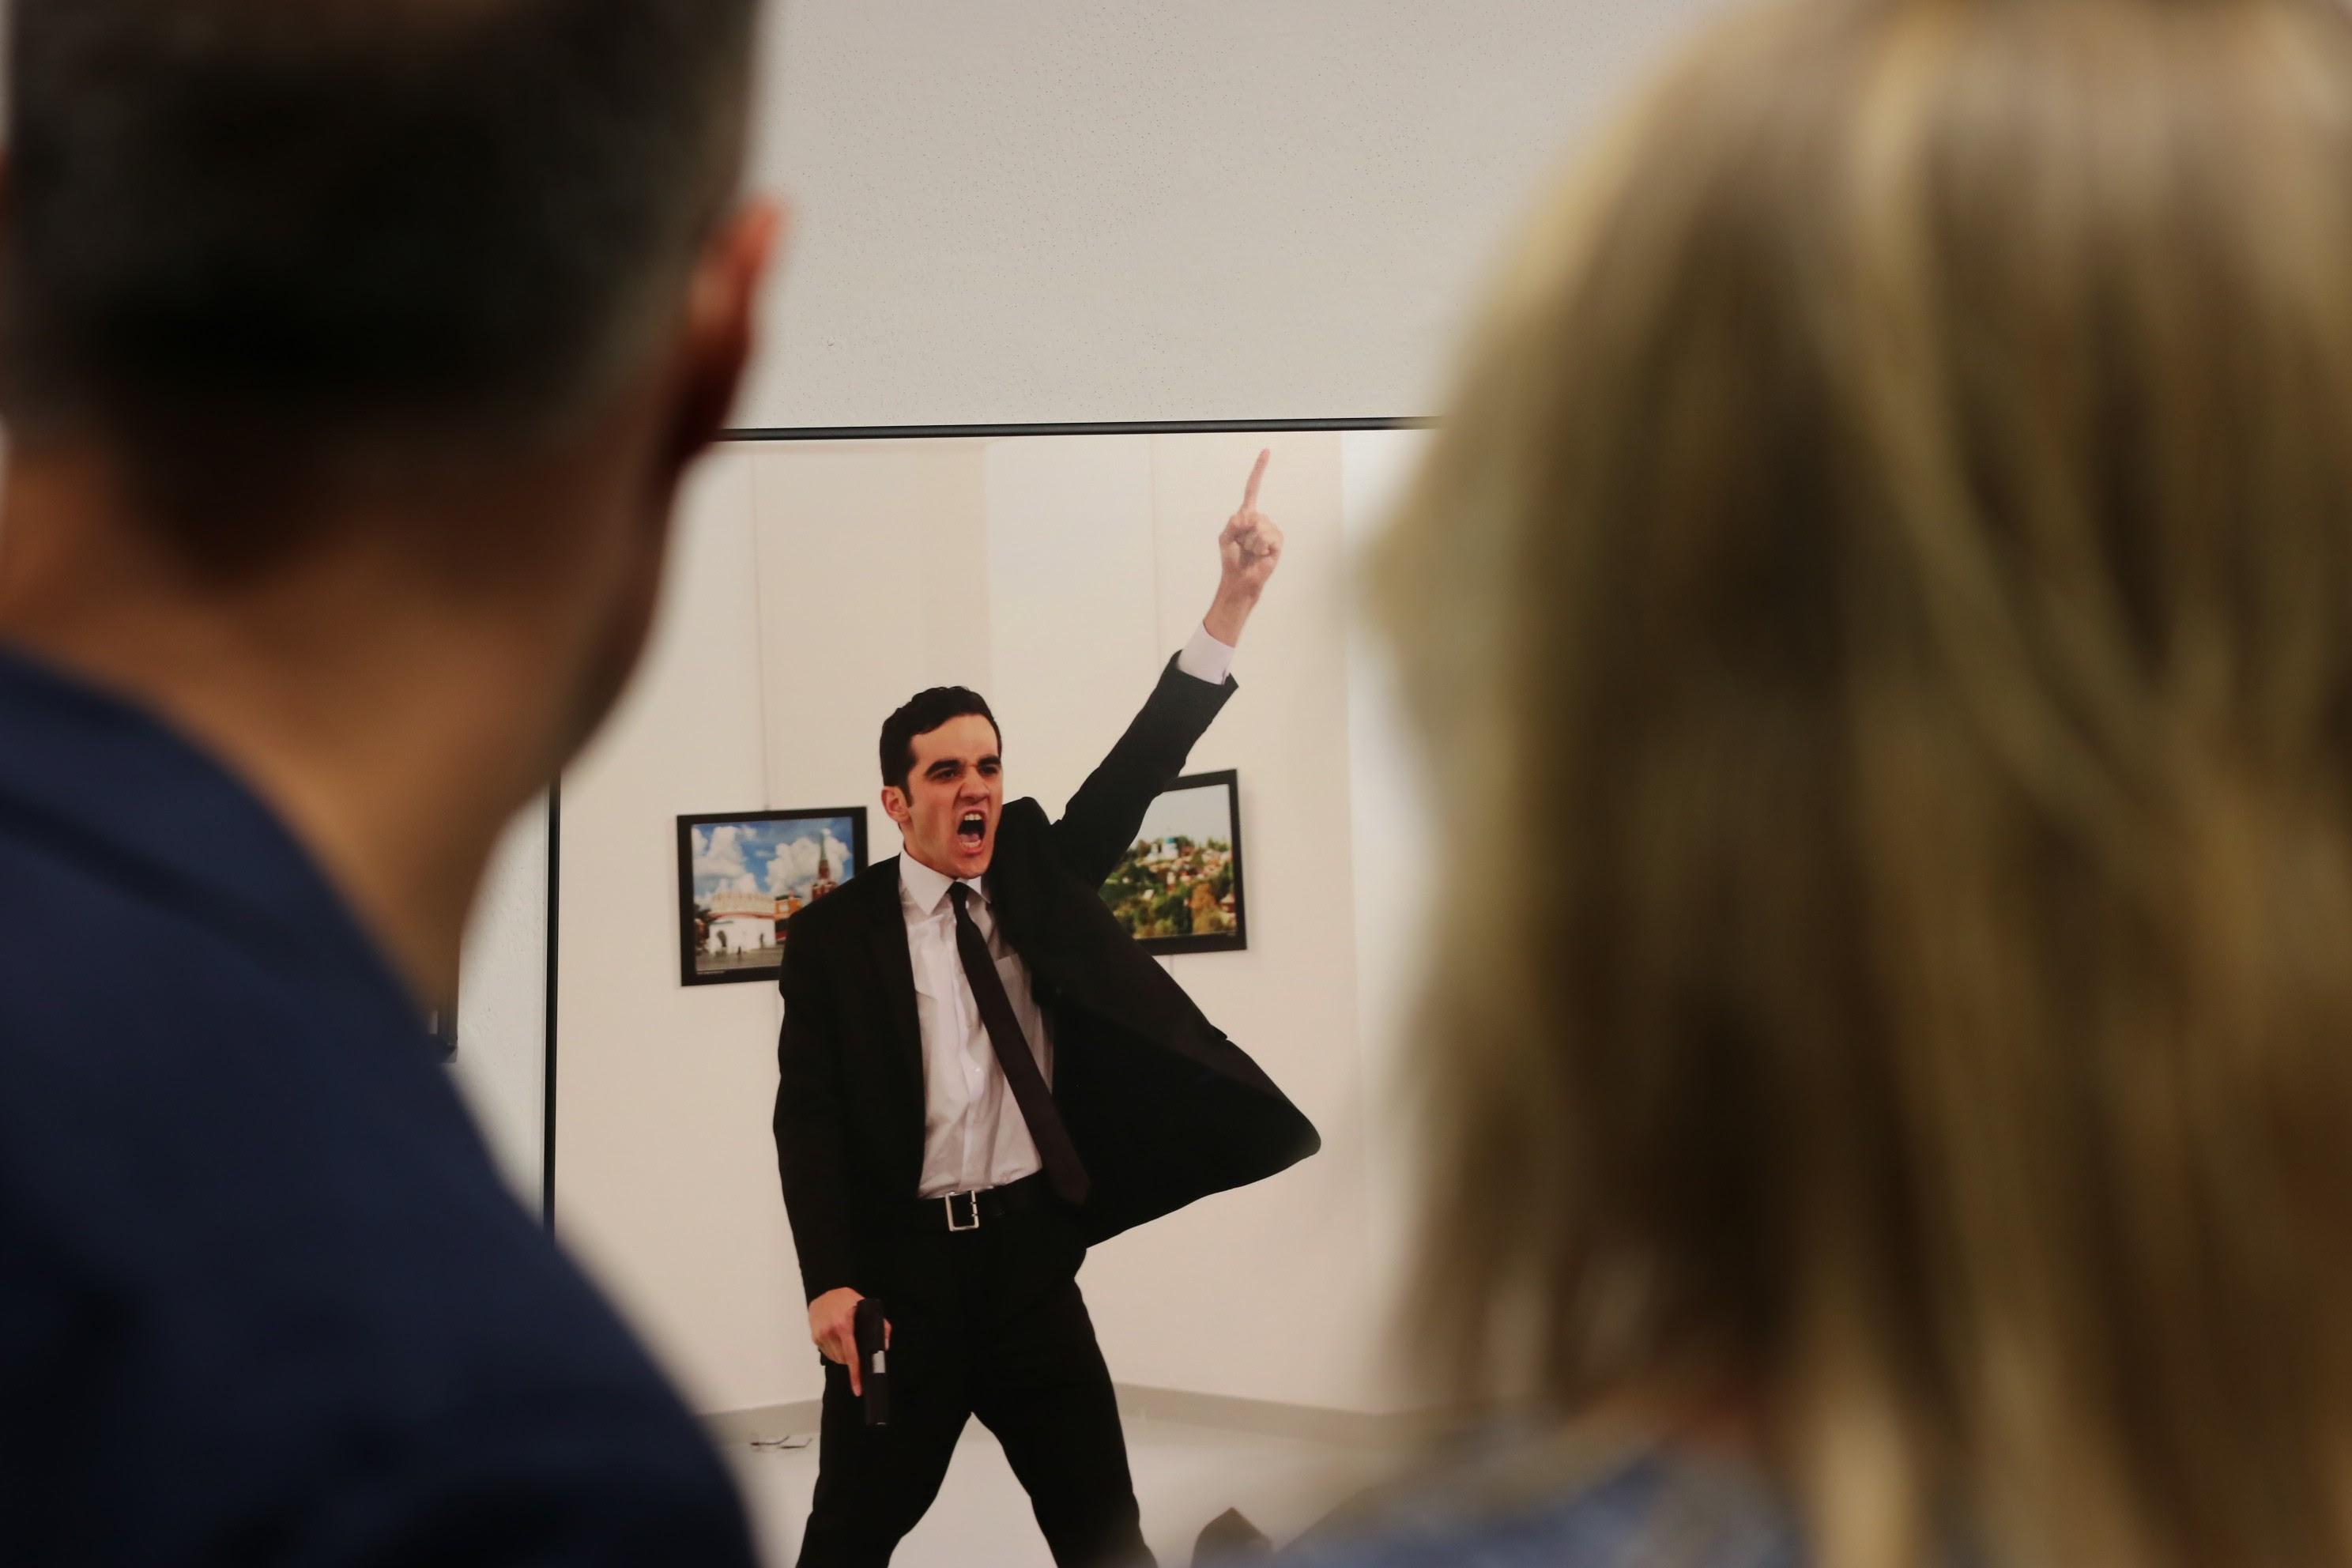 Ausstellungsbericht: World Press Photos 2017, in der Galerie Westlicht, Wien